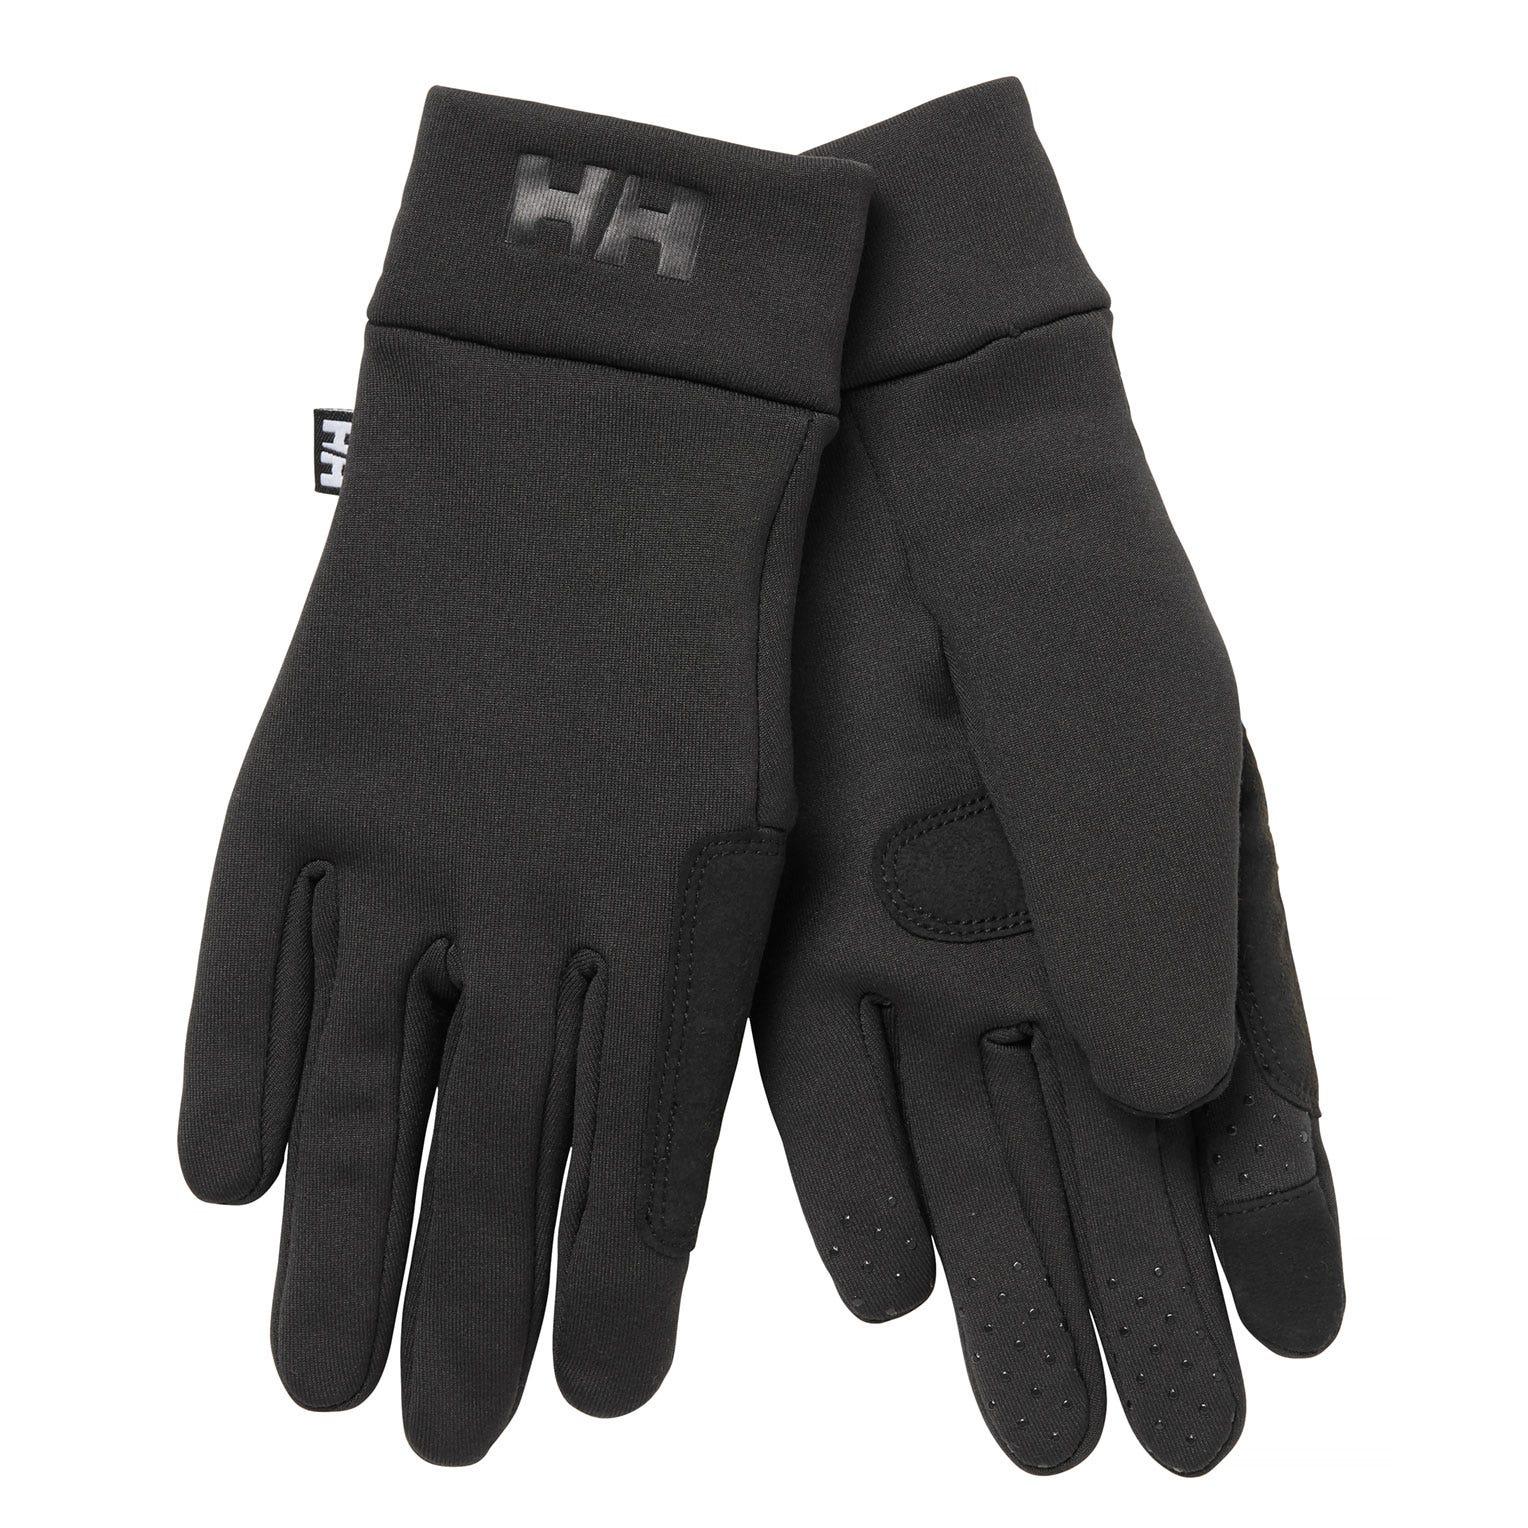 Helly Hansen Fleece Touch Glove Liner Black M